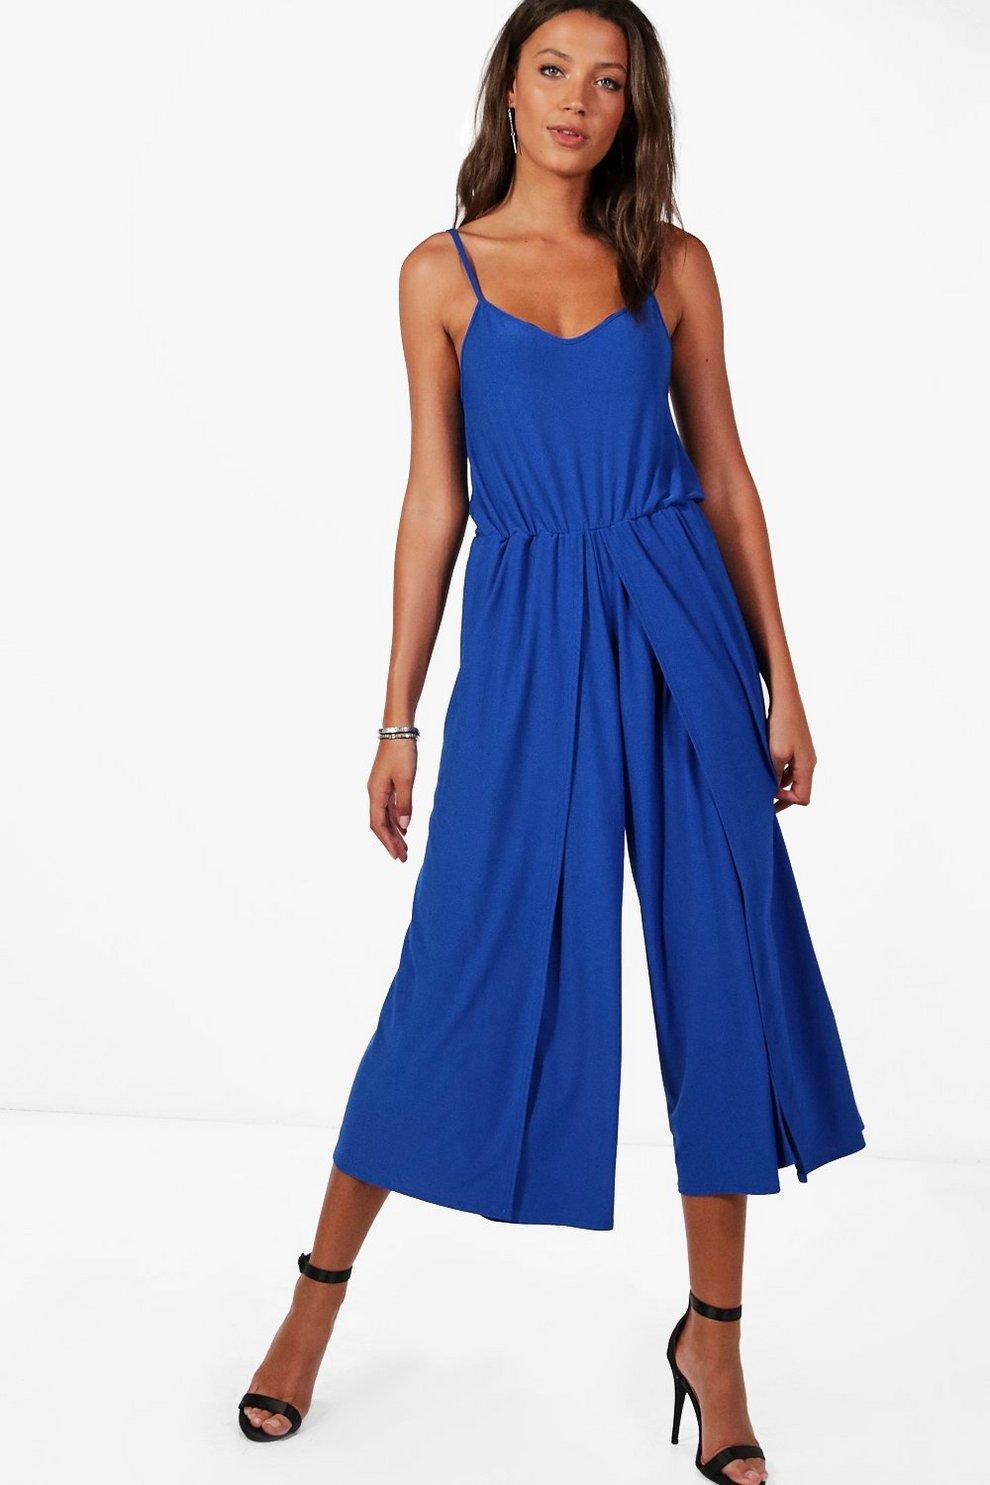 d5da59aa70da2f Tall combinaison portefeuille jupe-culotte fendue aux jambes à bretelles